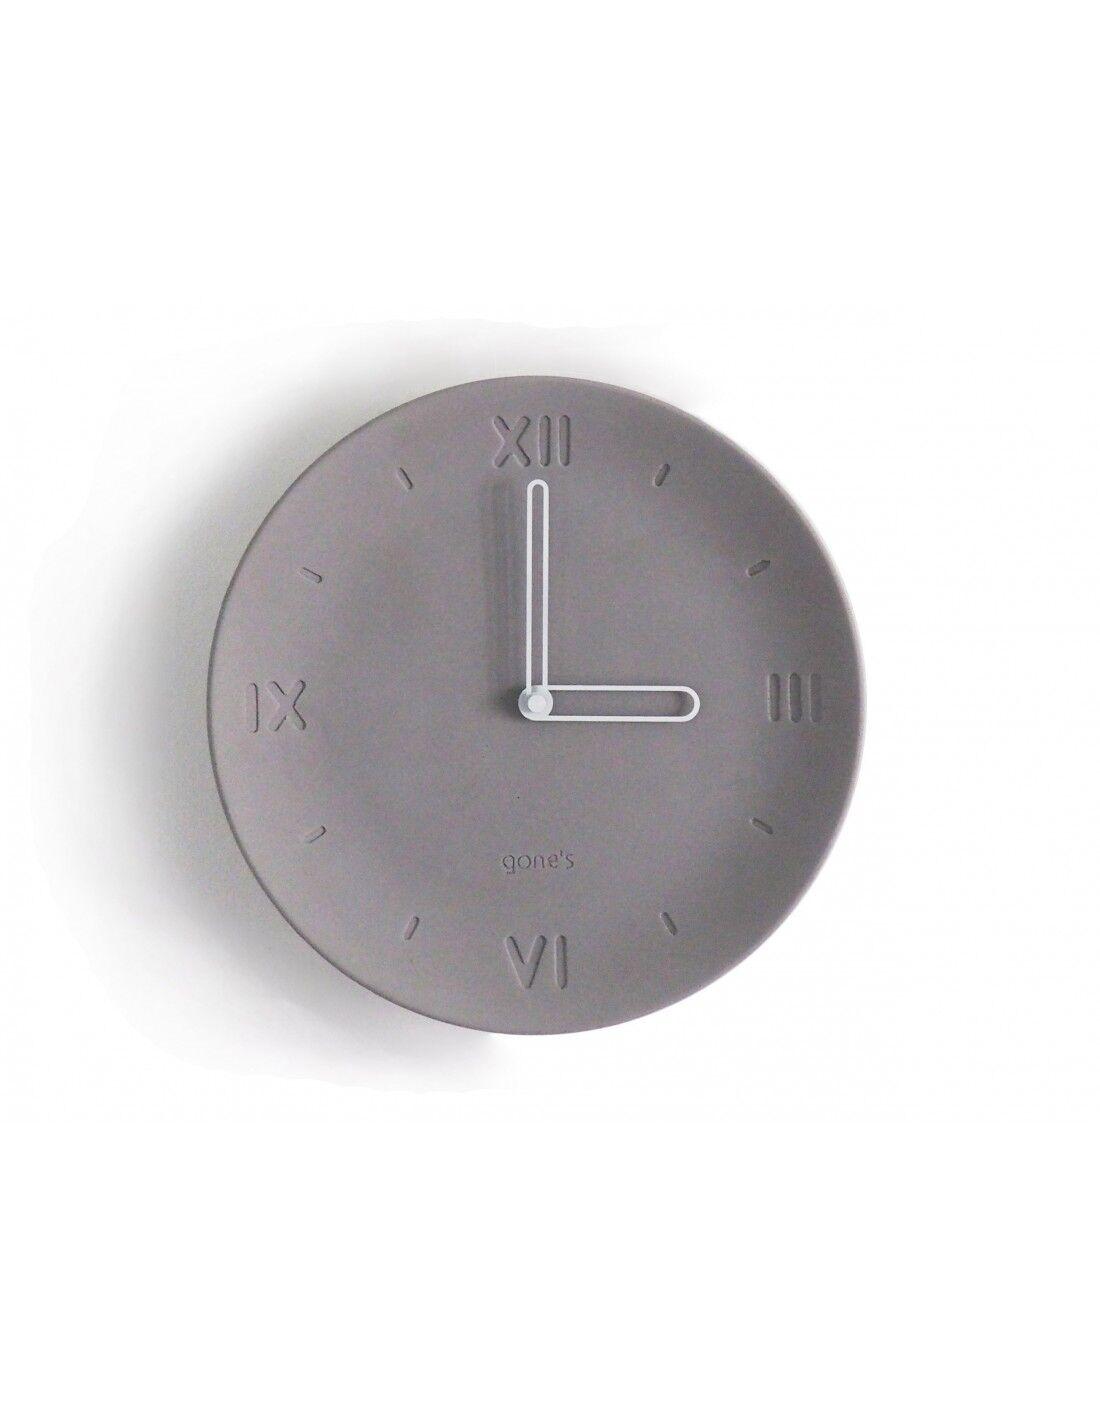 Gone's Horloge en béton aiguilles blanches